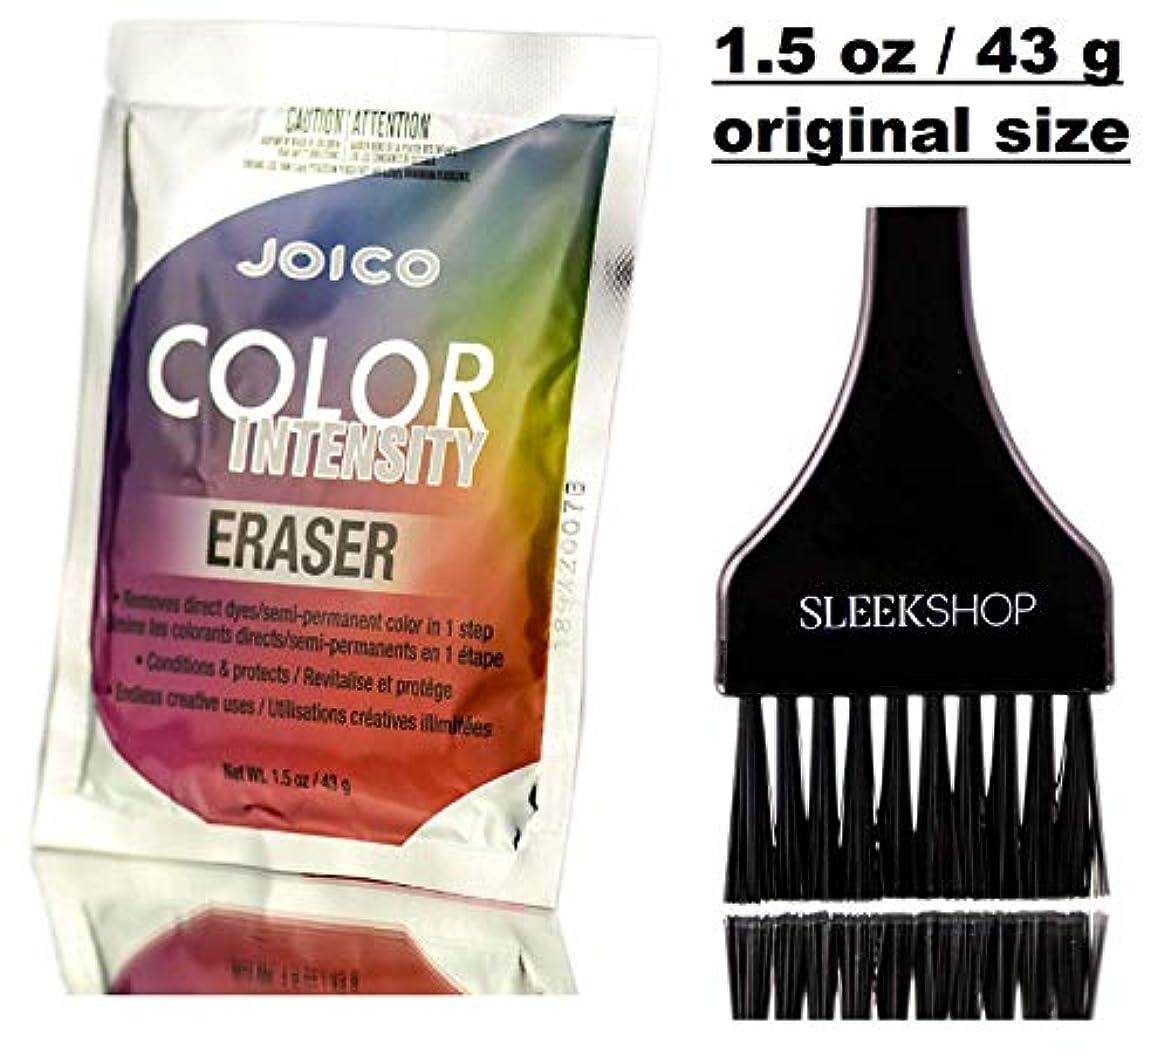 摂氏感嘆符ワックスJoico Color Intensity Eraser 、削除し直接染料&半永久的な色で1ステップ、条件&保護し、エンドレスクリエイティブ使用方法(スタイリストキット)クリームヘアカラー髪の色素(1.5オズ - オリジナルサイズ) 1.5オンス - 元の SIZE